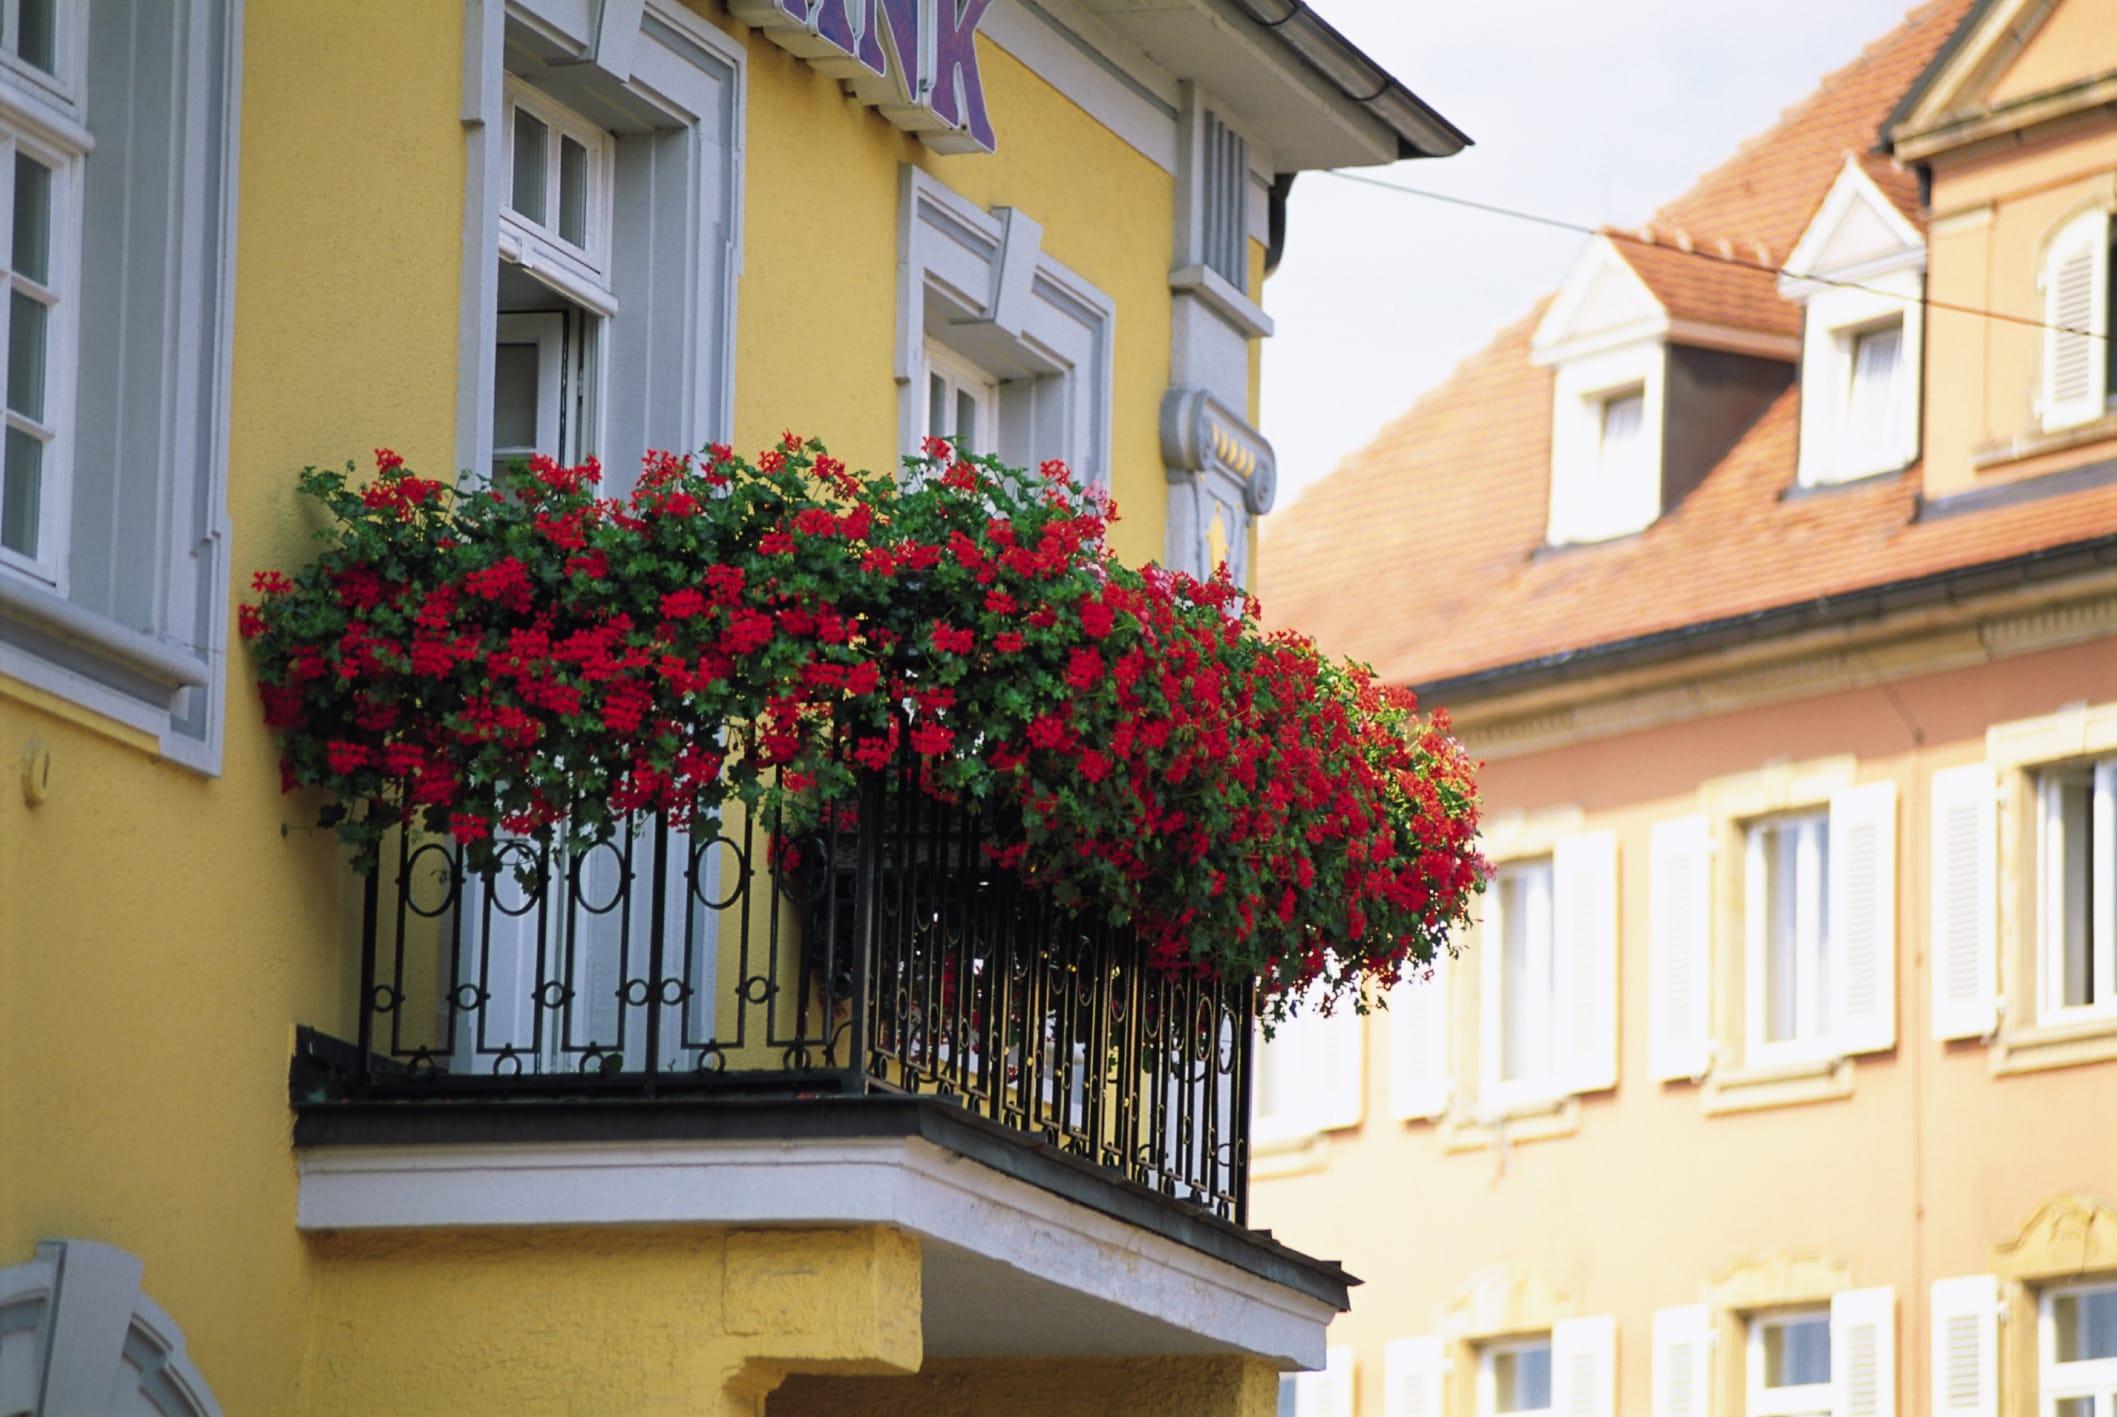 Favoloso Come arredare il balcone con i fiori - Non sprecare ED96